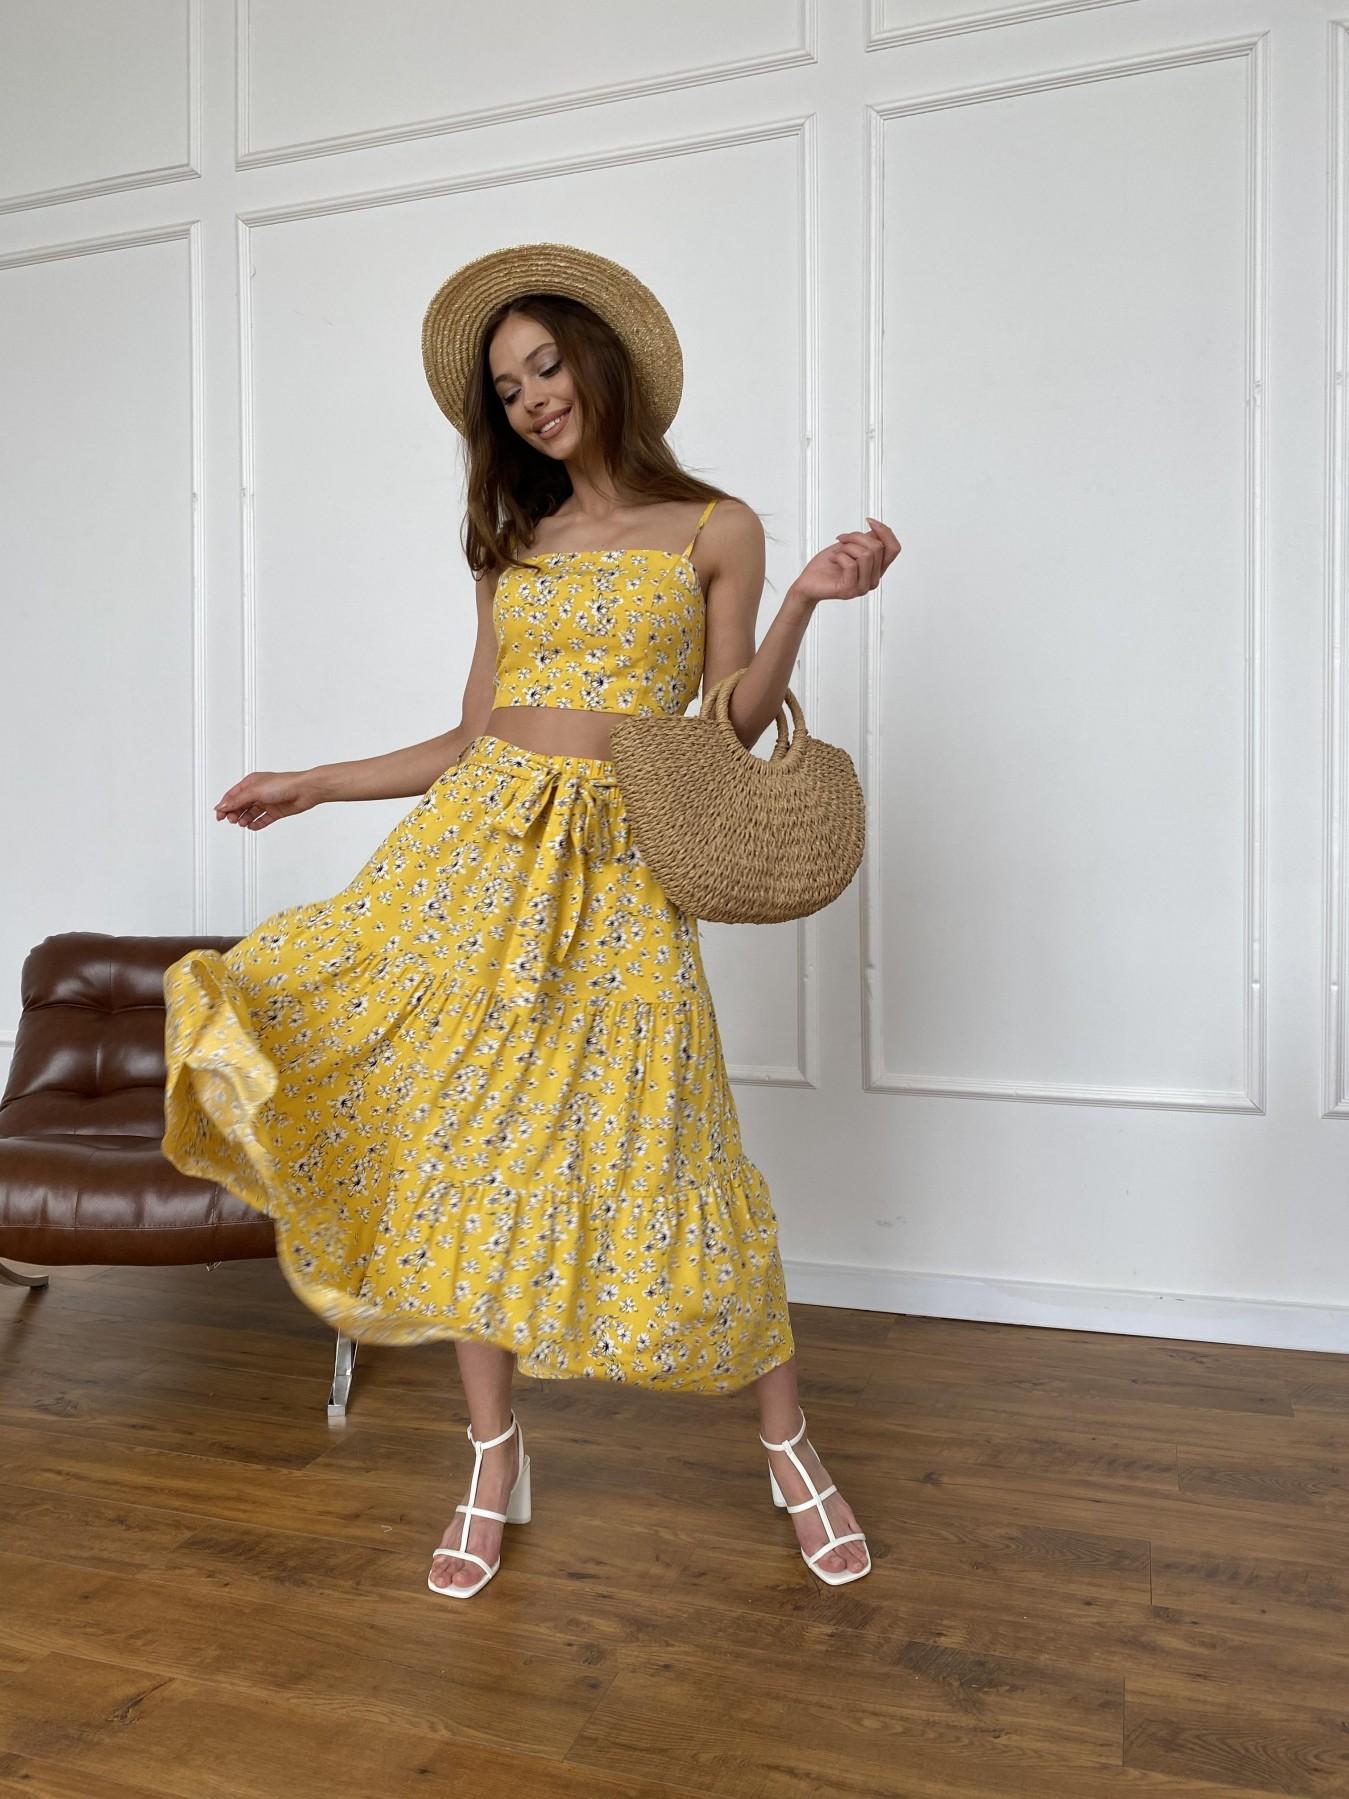 Женская одежда оптом от производителя Ницца костюм из штапеля с принтом 11412